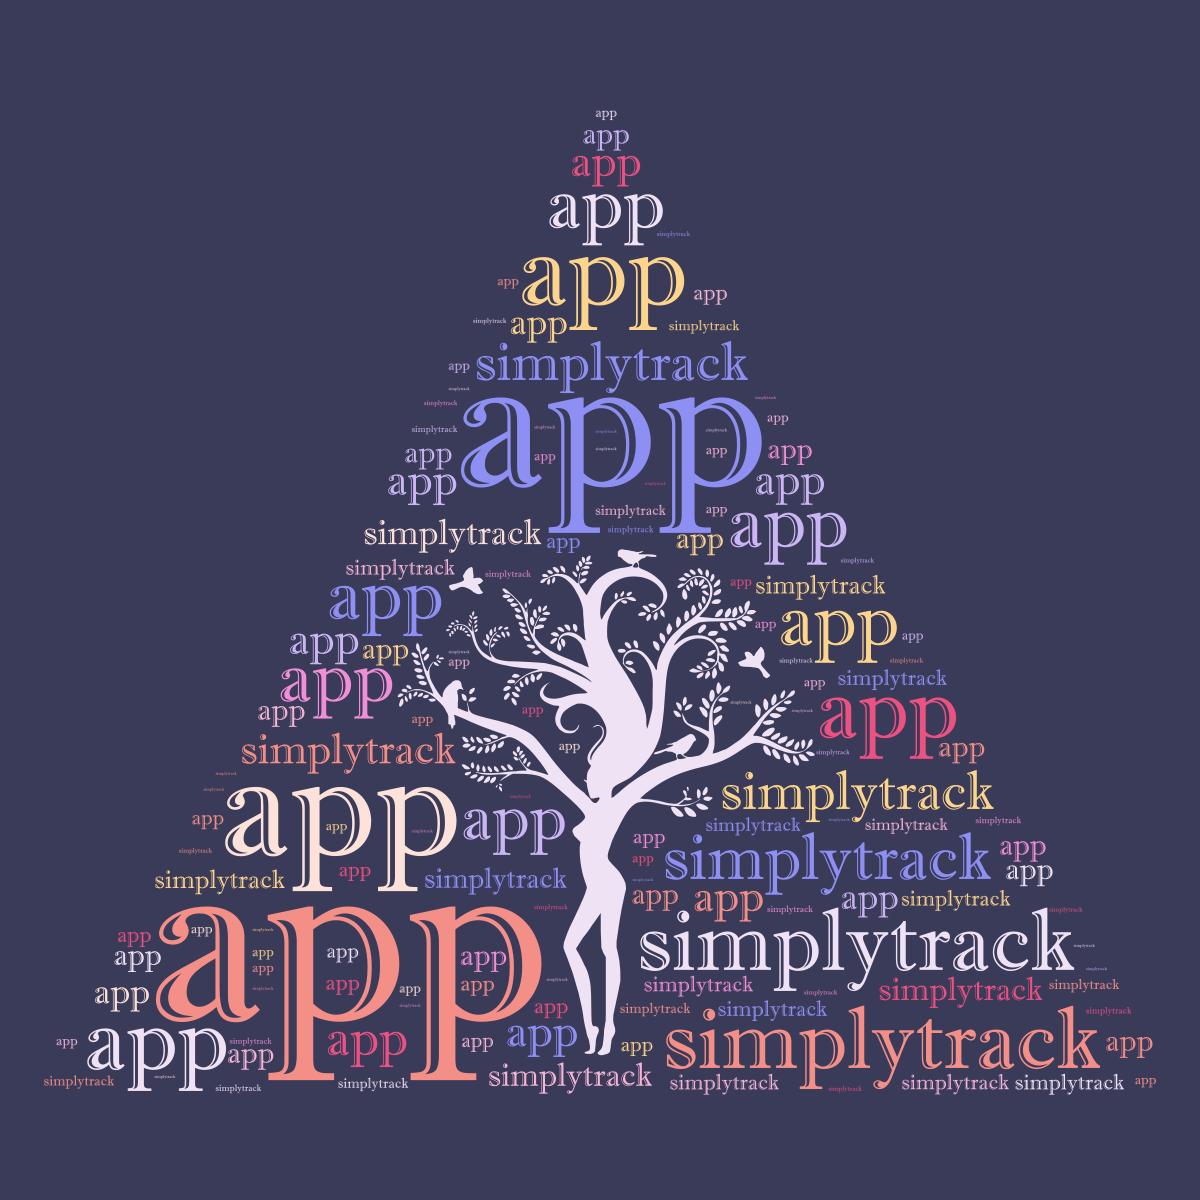 simplytrack app